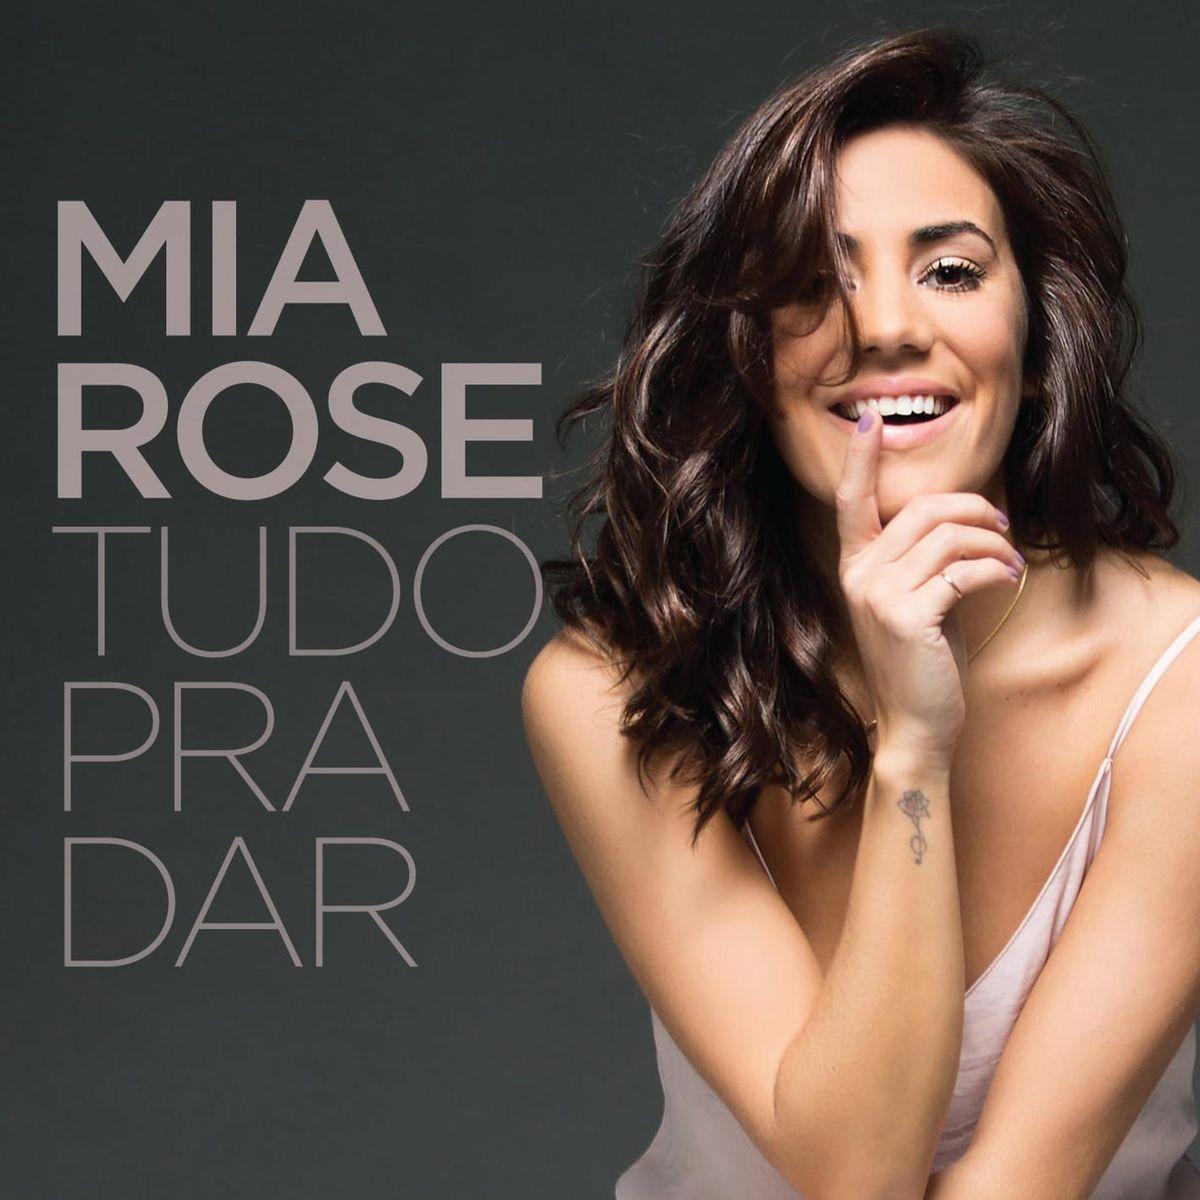 Mia Rose - Tudo Pra Dar album cover